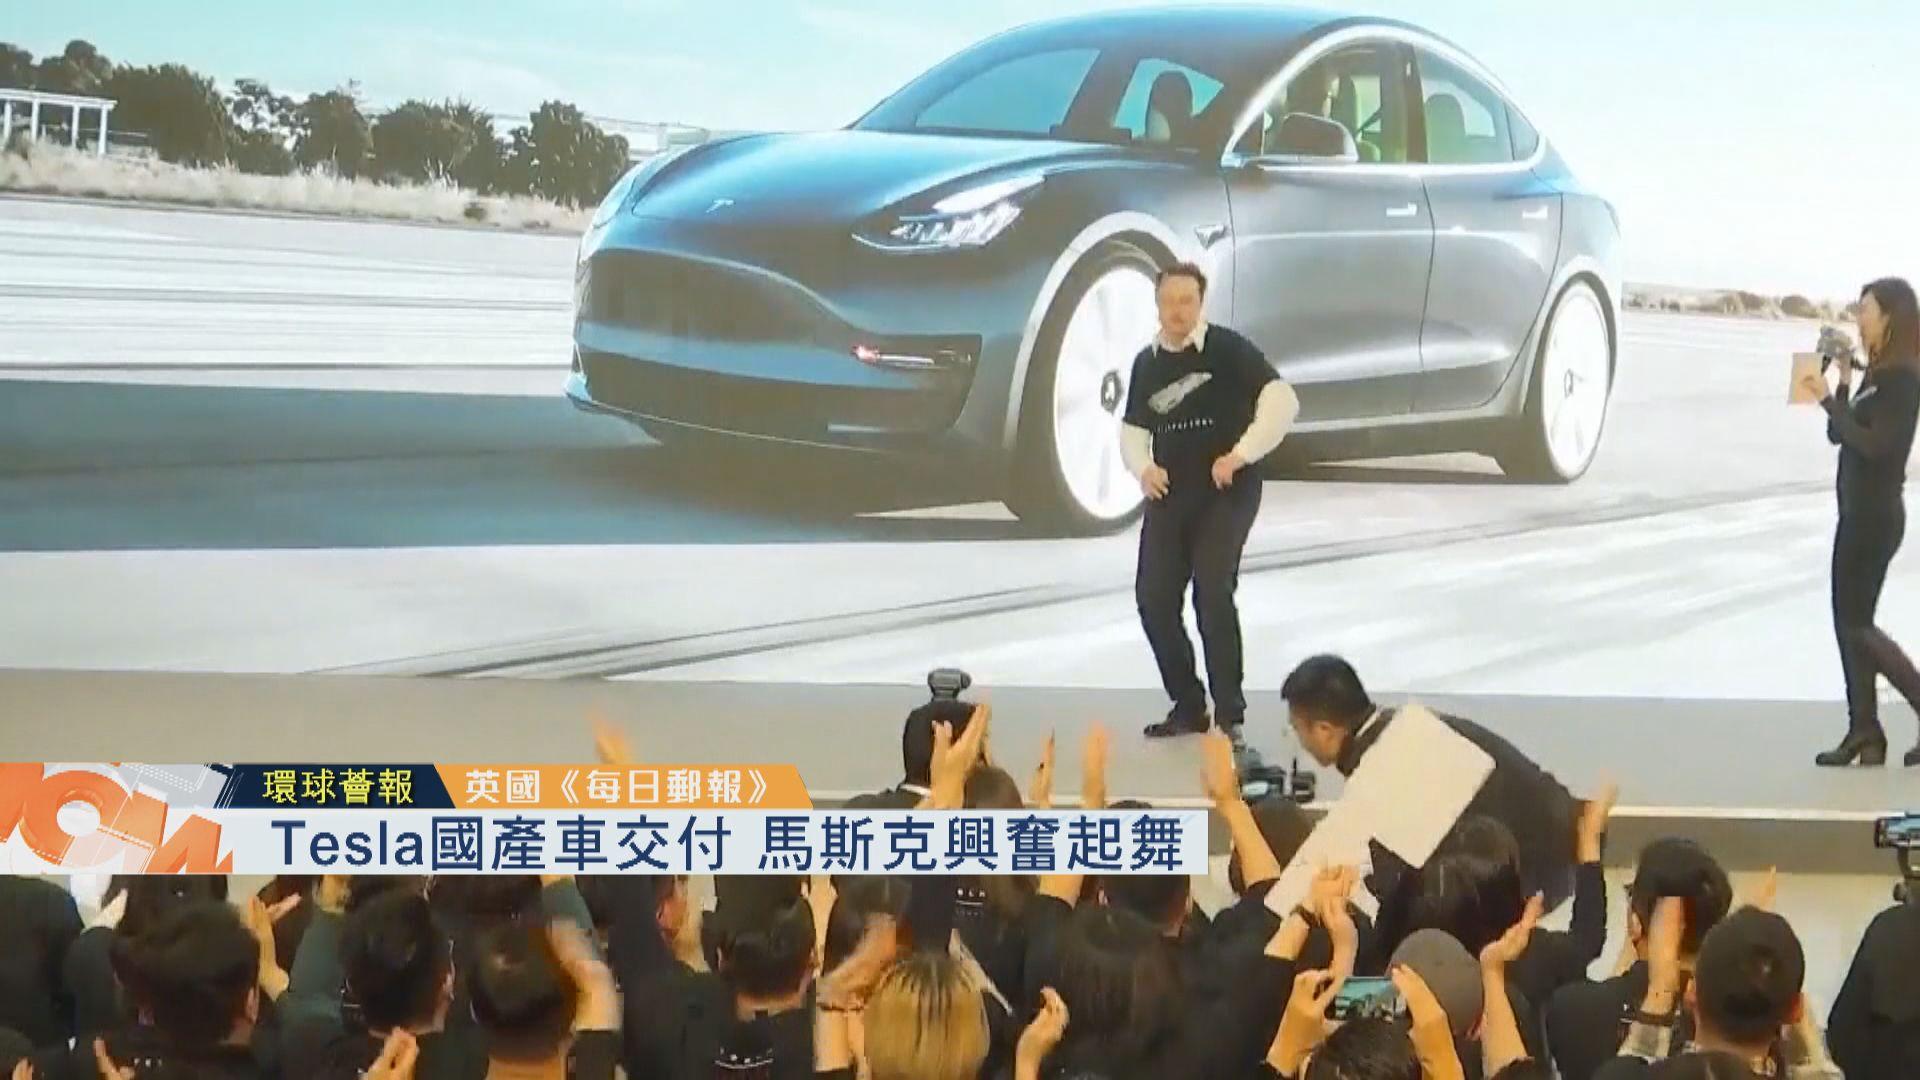 【環球薈報】Tesla國產車交付 馬斯克興奮起舞